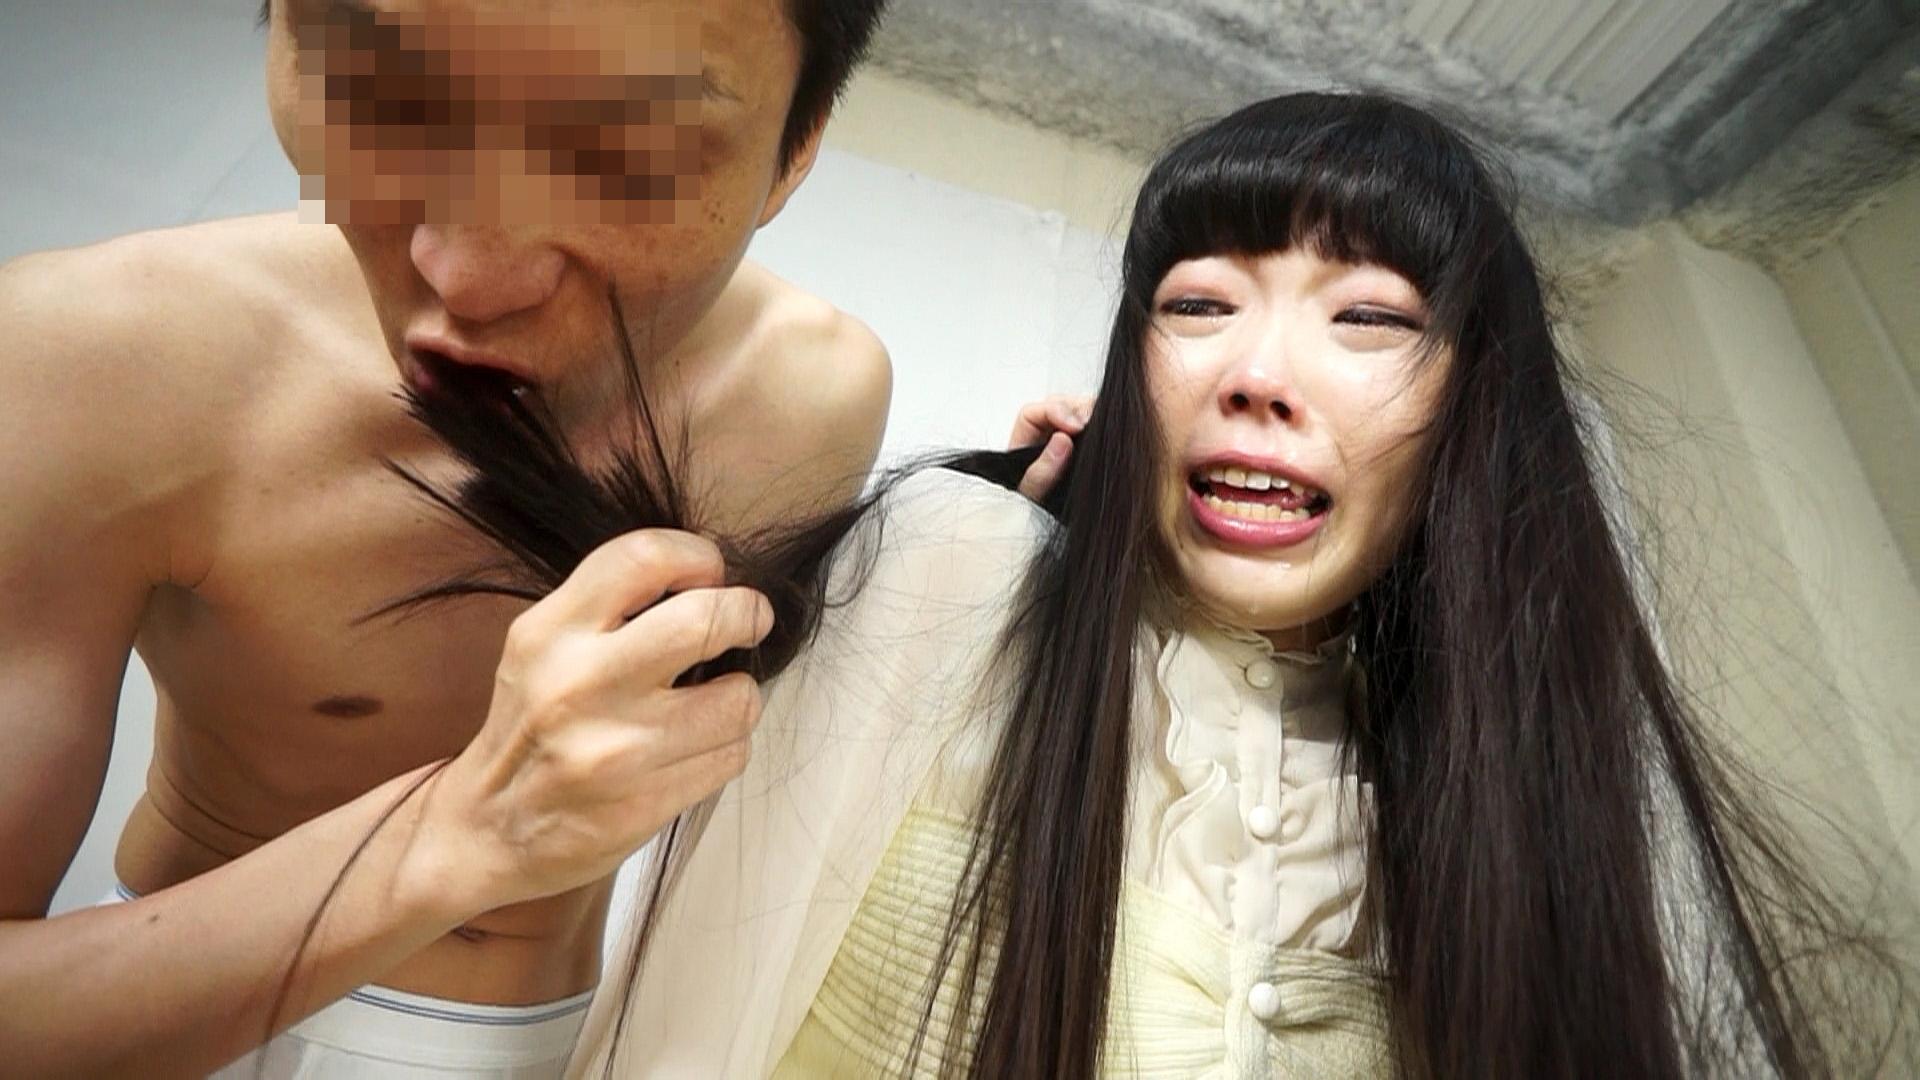 毛髪悪戯団ヘアベアーズのロングヘアー悪戯 No.14 サンプル画像01